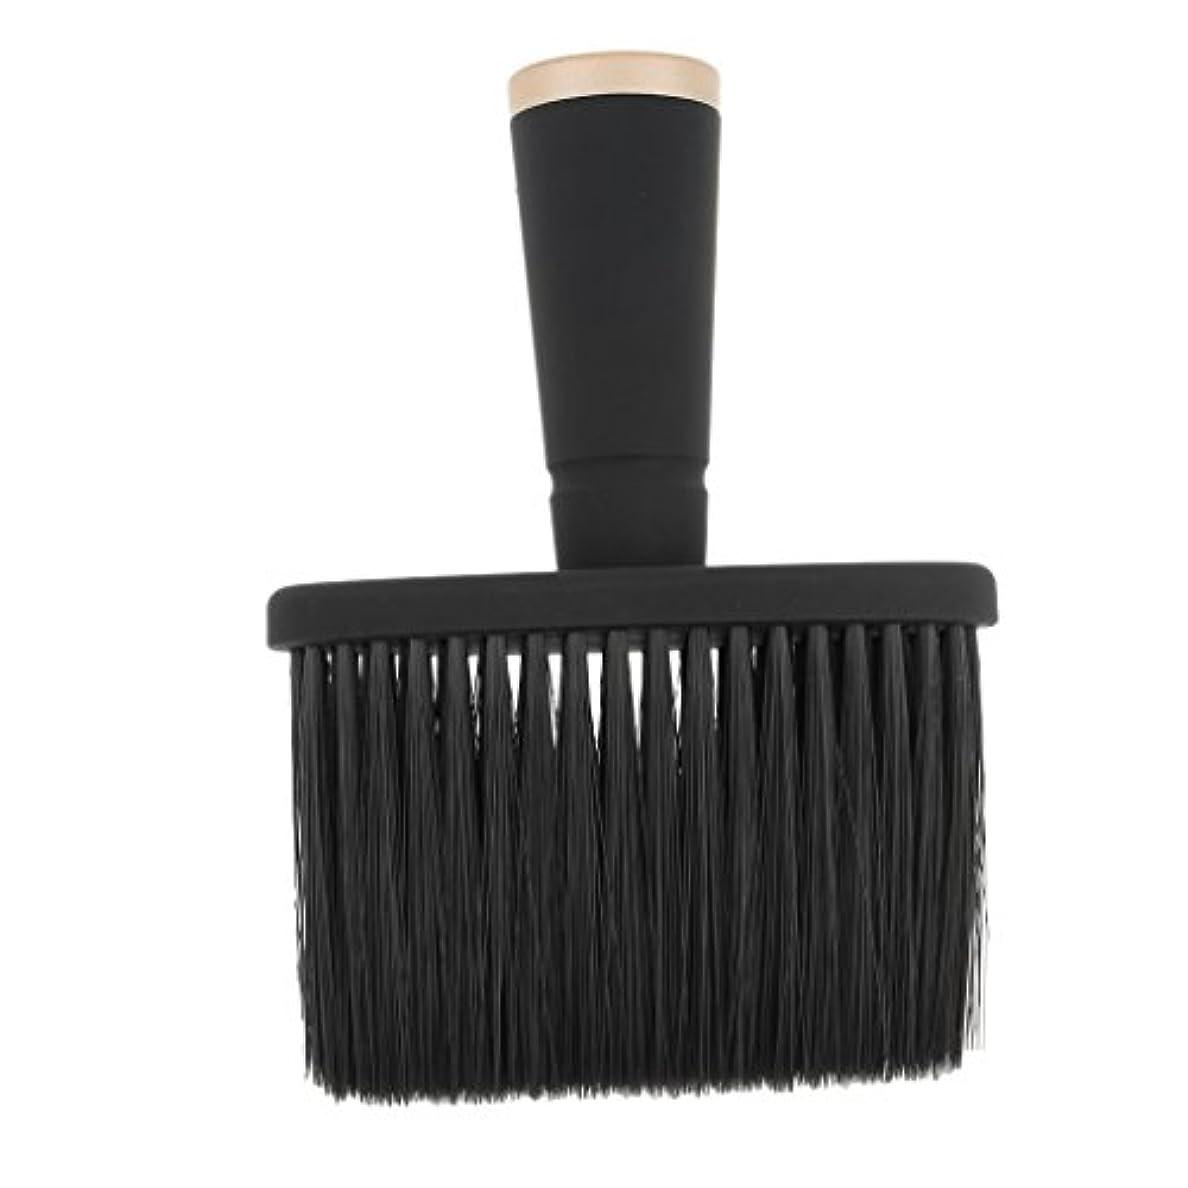 飢饉その他チケットToygogo プロの理髪師の首のダスターのブラシ、毛の切断のための柔らかいクリーニングの表面ブラシ、携帯用設計 - ゴールド